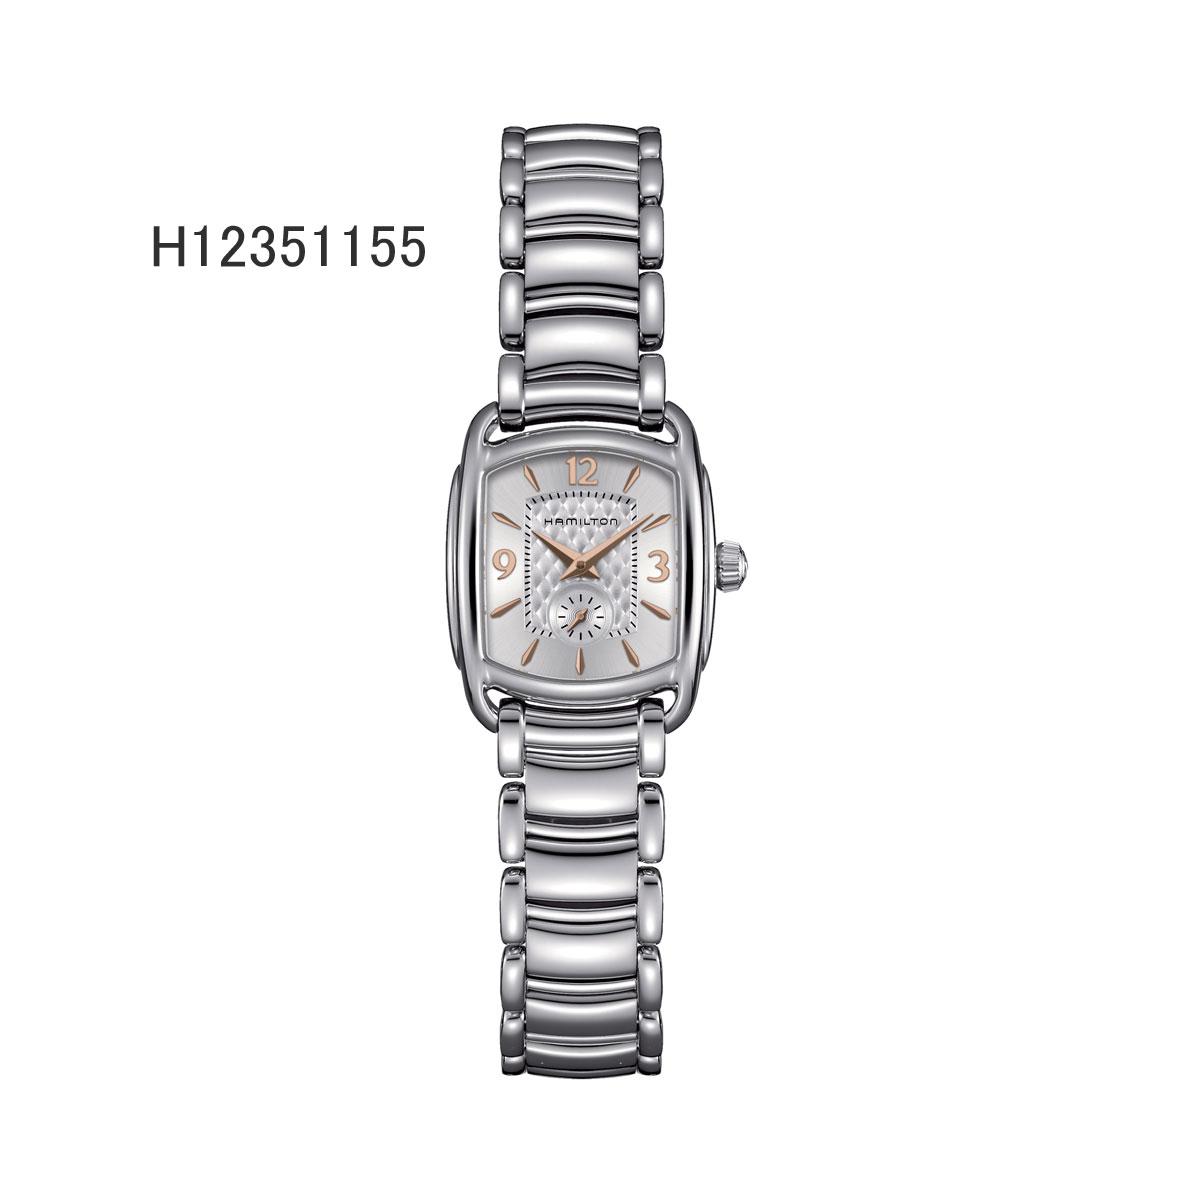 ハミルトン腕時計 H12351155/バガリー(レディス)銀色文字盤/ブレスレット2年保証HAMILTON BAGLEY【送料無料】【プレゼント対象】